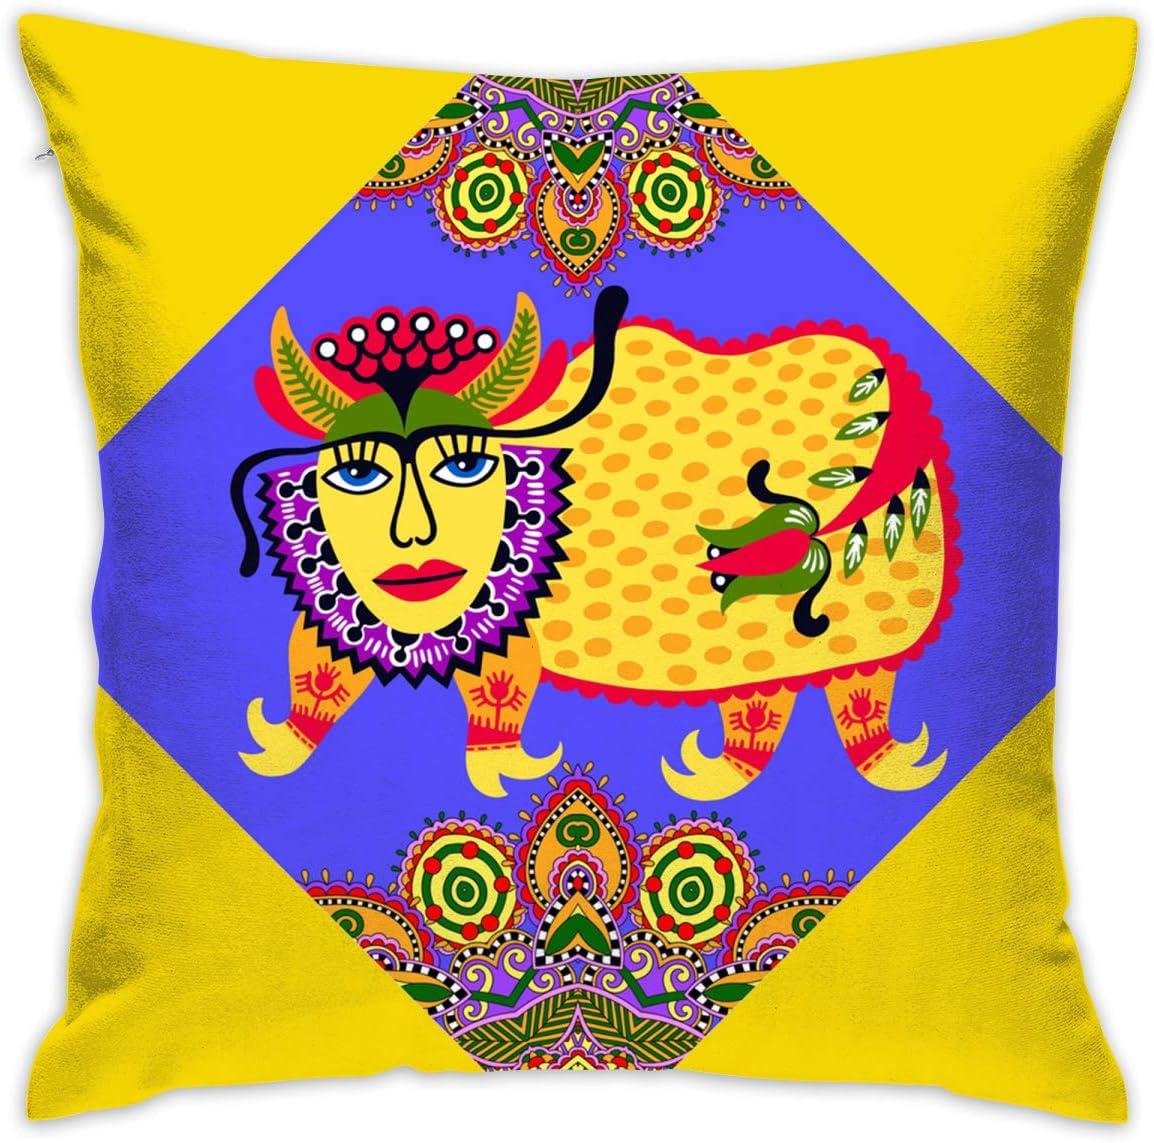 XCOZU Cushion Covers Throw Pillows 18 X